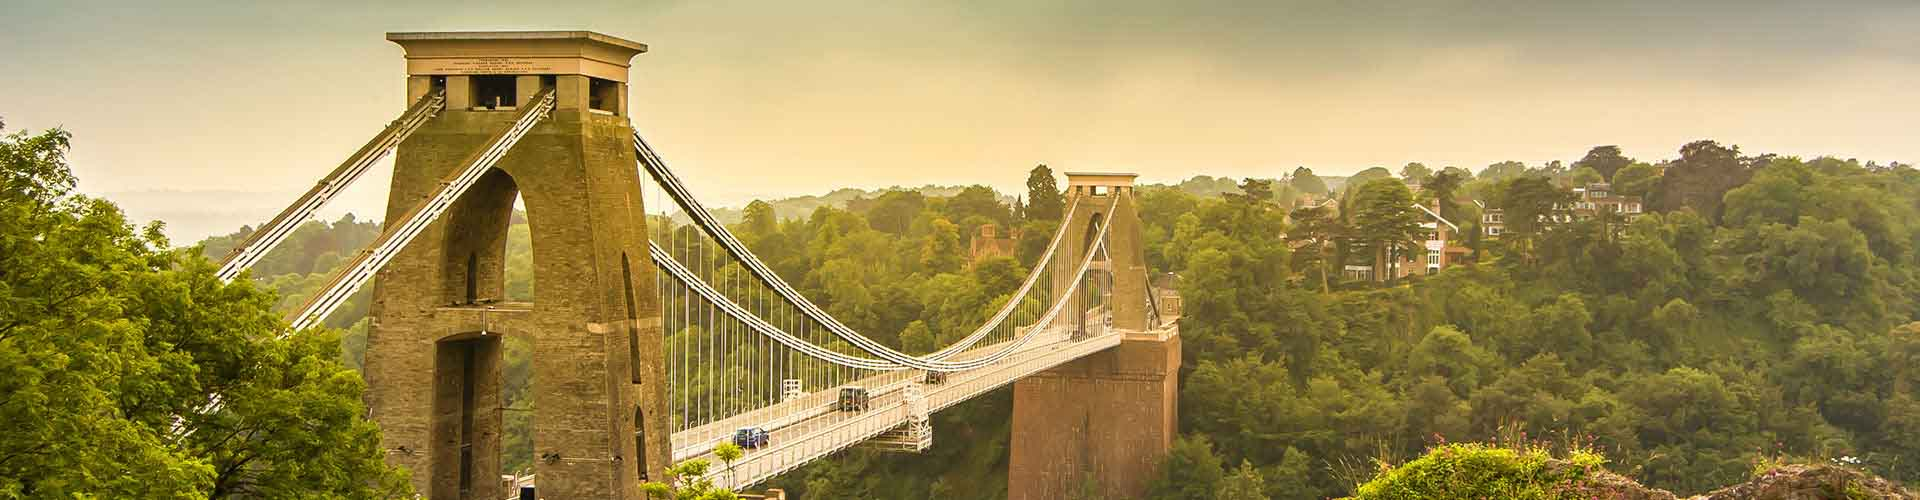 Bristol - Lakosztályok Bristol. Bristol térképek, fotók és ajánlások minden egyes Bristol lakosztályról.